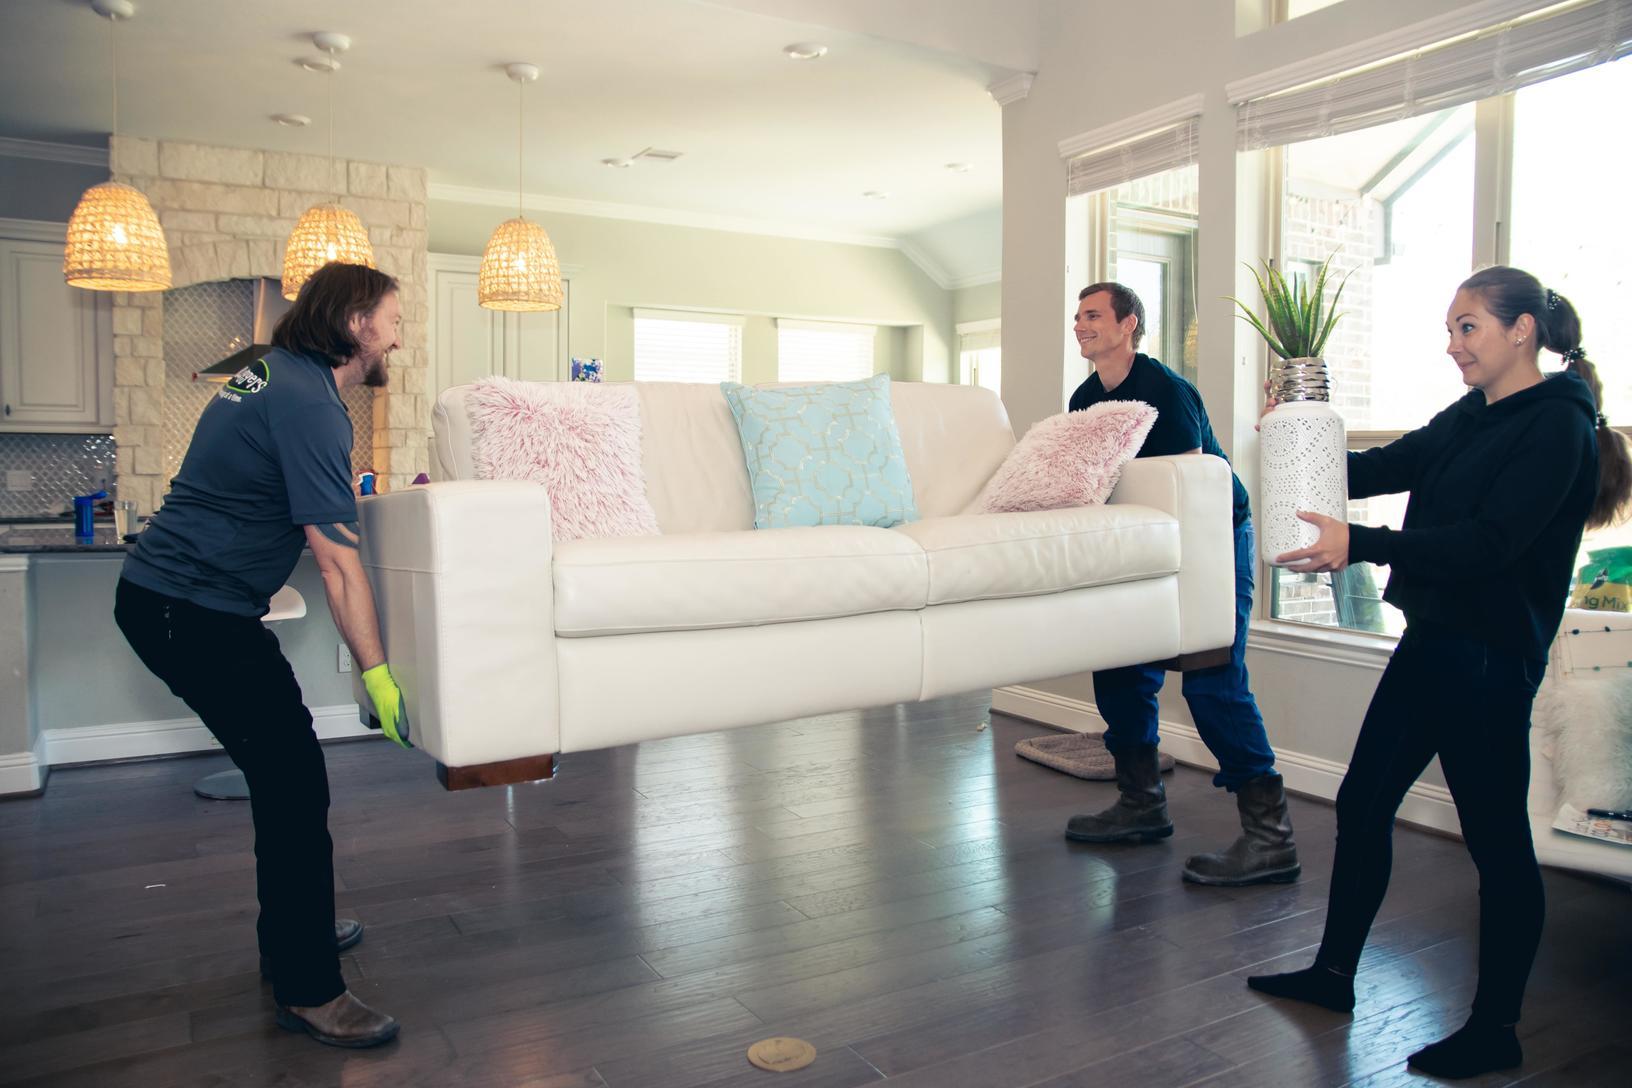 Efficient Furniture Removal in Northwest Houston Region